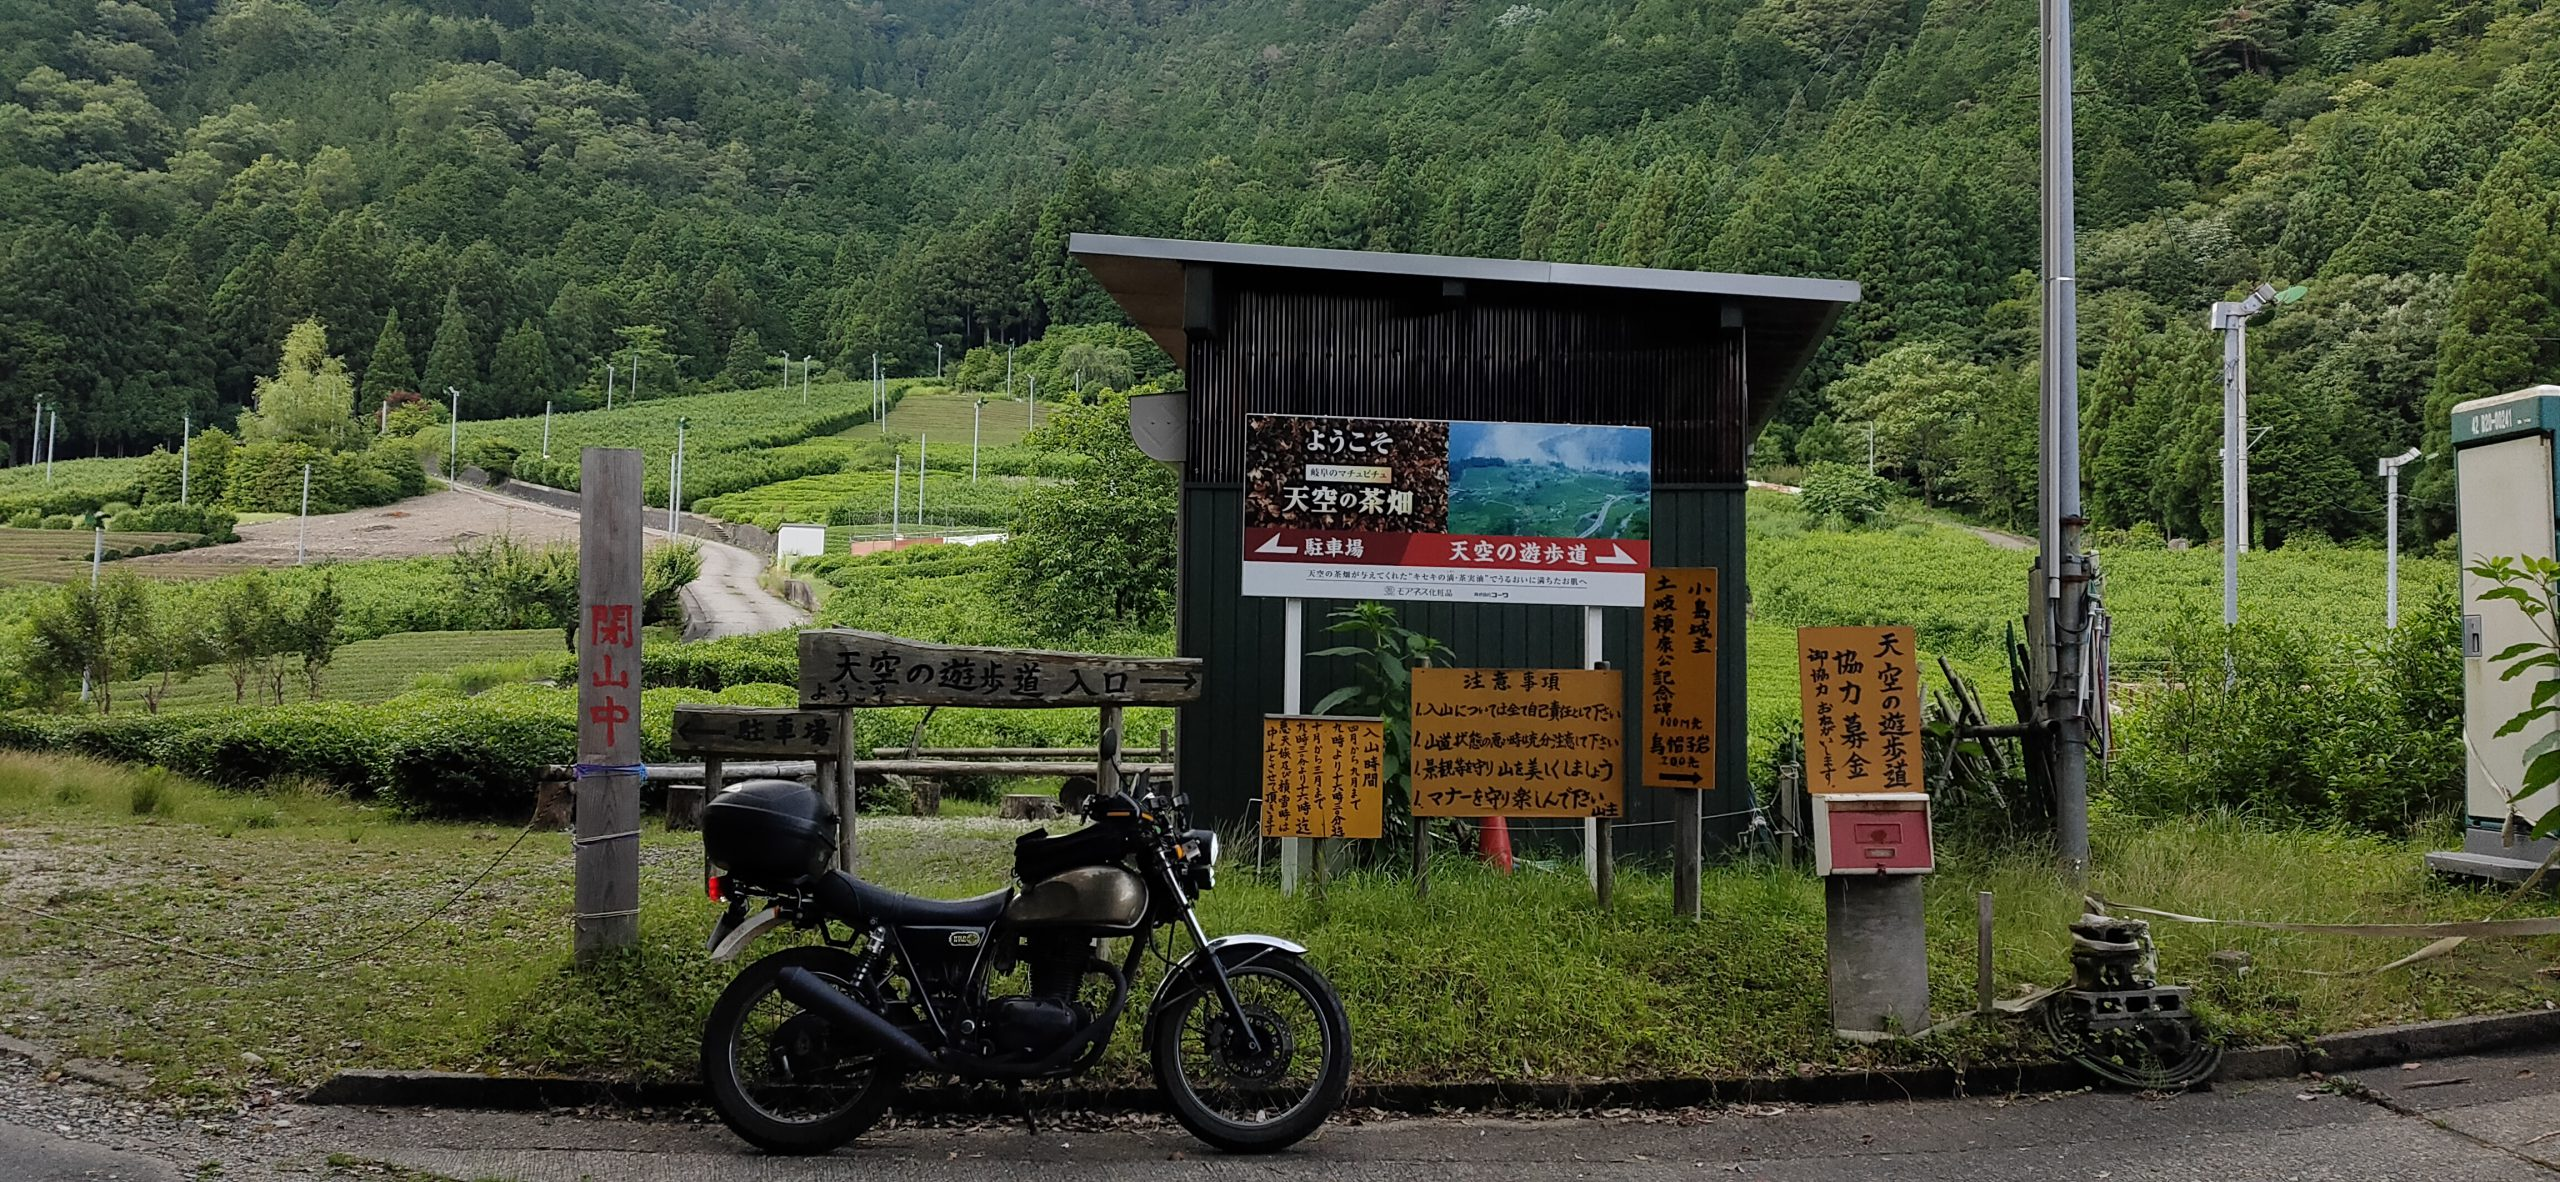 岐阜のマチュピチュ 天空の茶畑